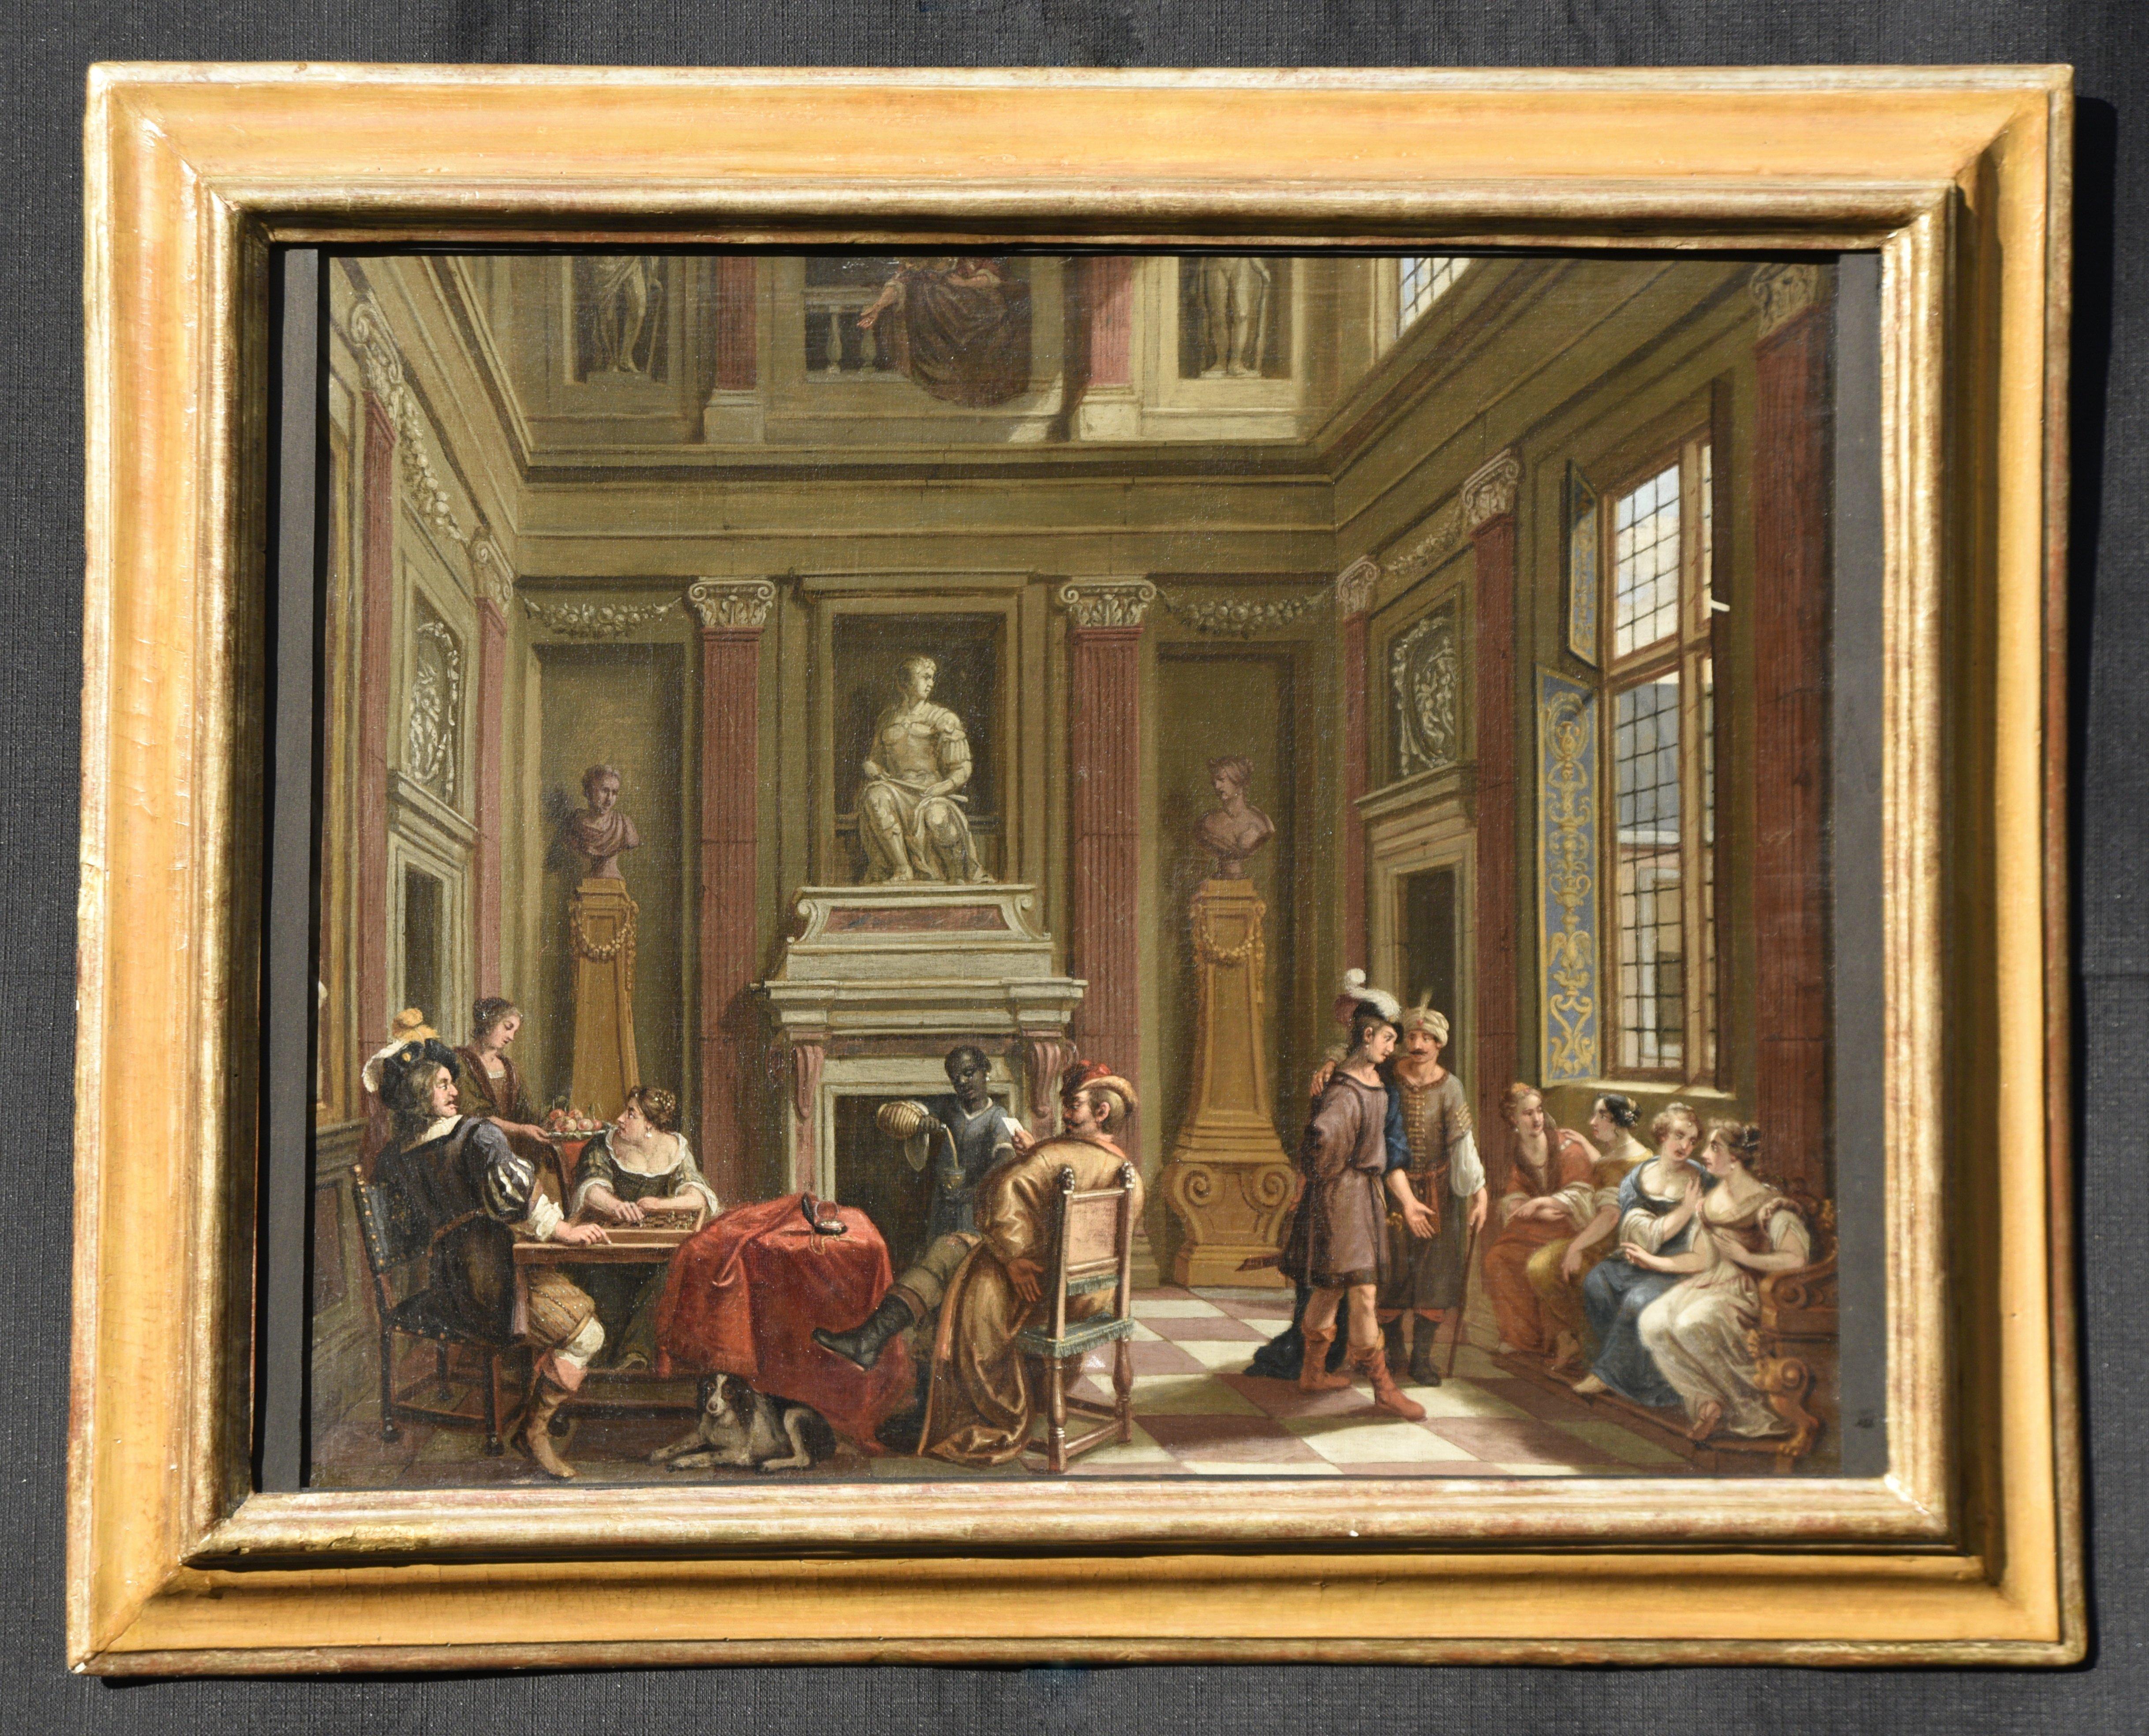 Interno palazzo con figure- olio su tela - Contattare per il prezzo